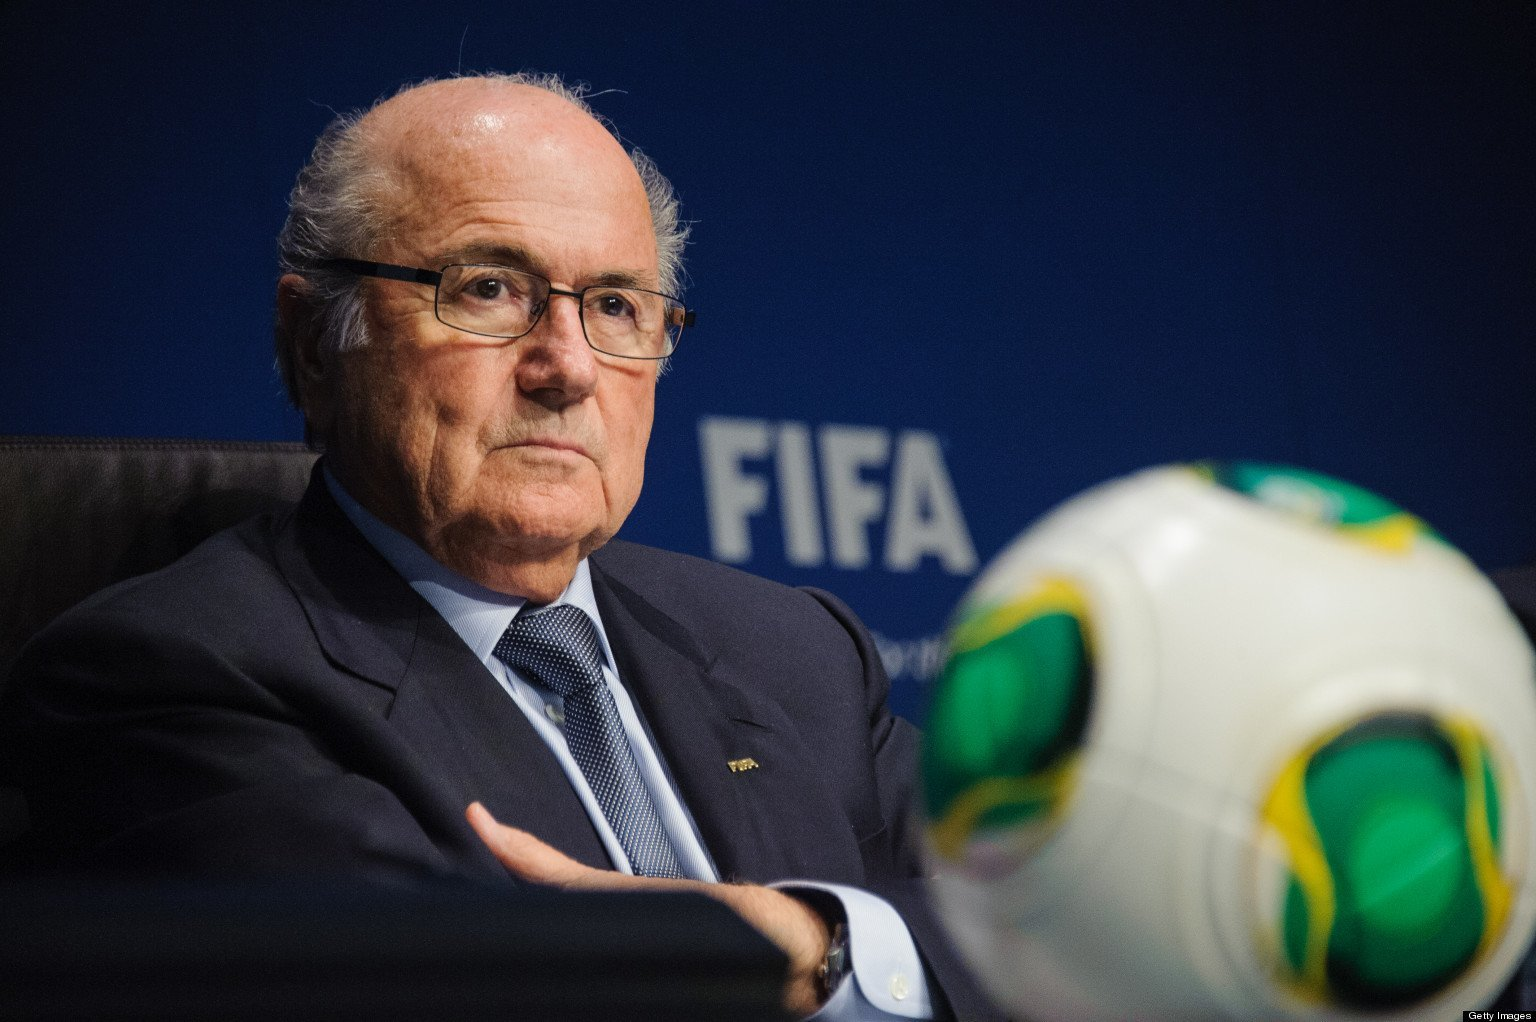 FIFA scandal Sepp Blatter